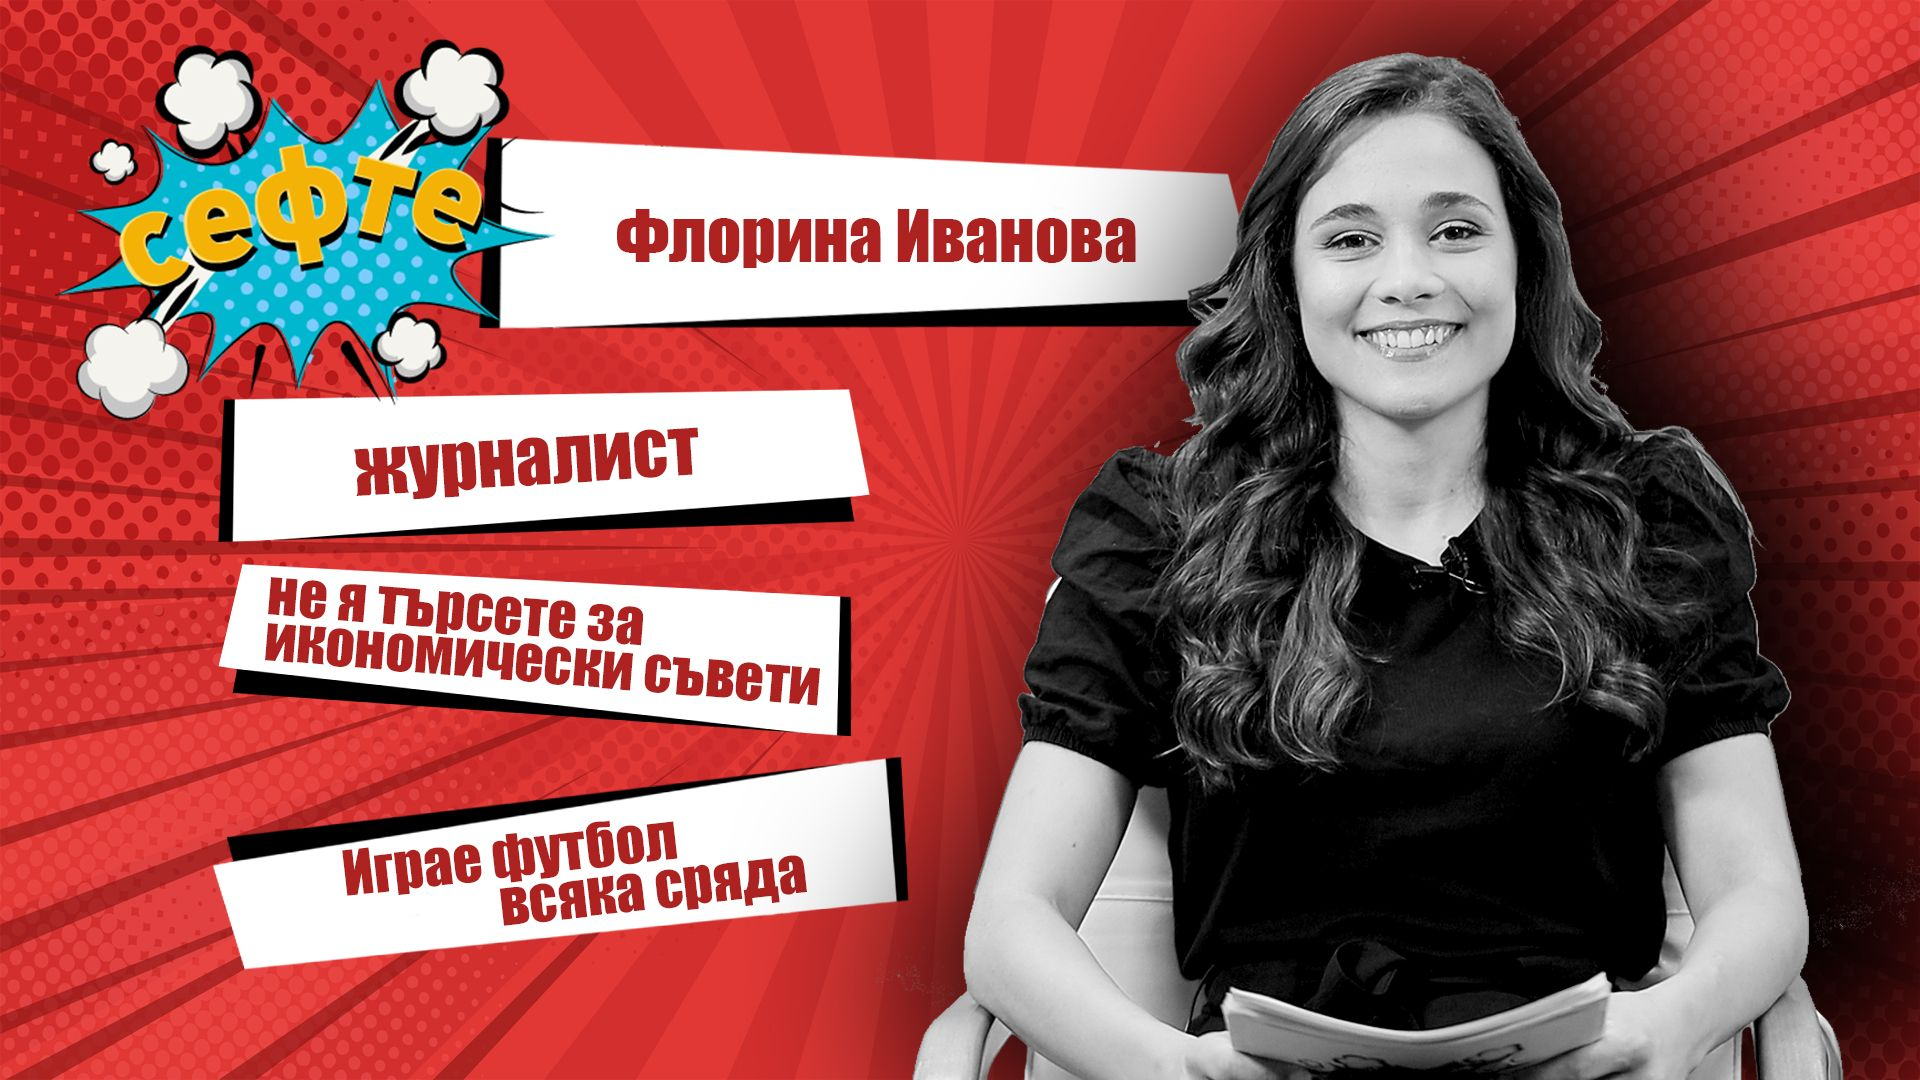 Много смях и спортни куриози с Флорина Иванова в #Сефте